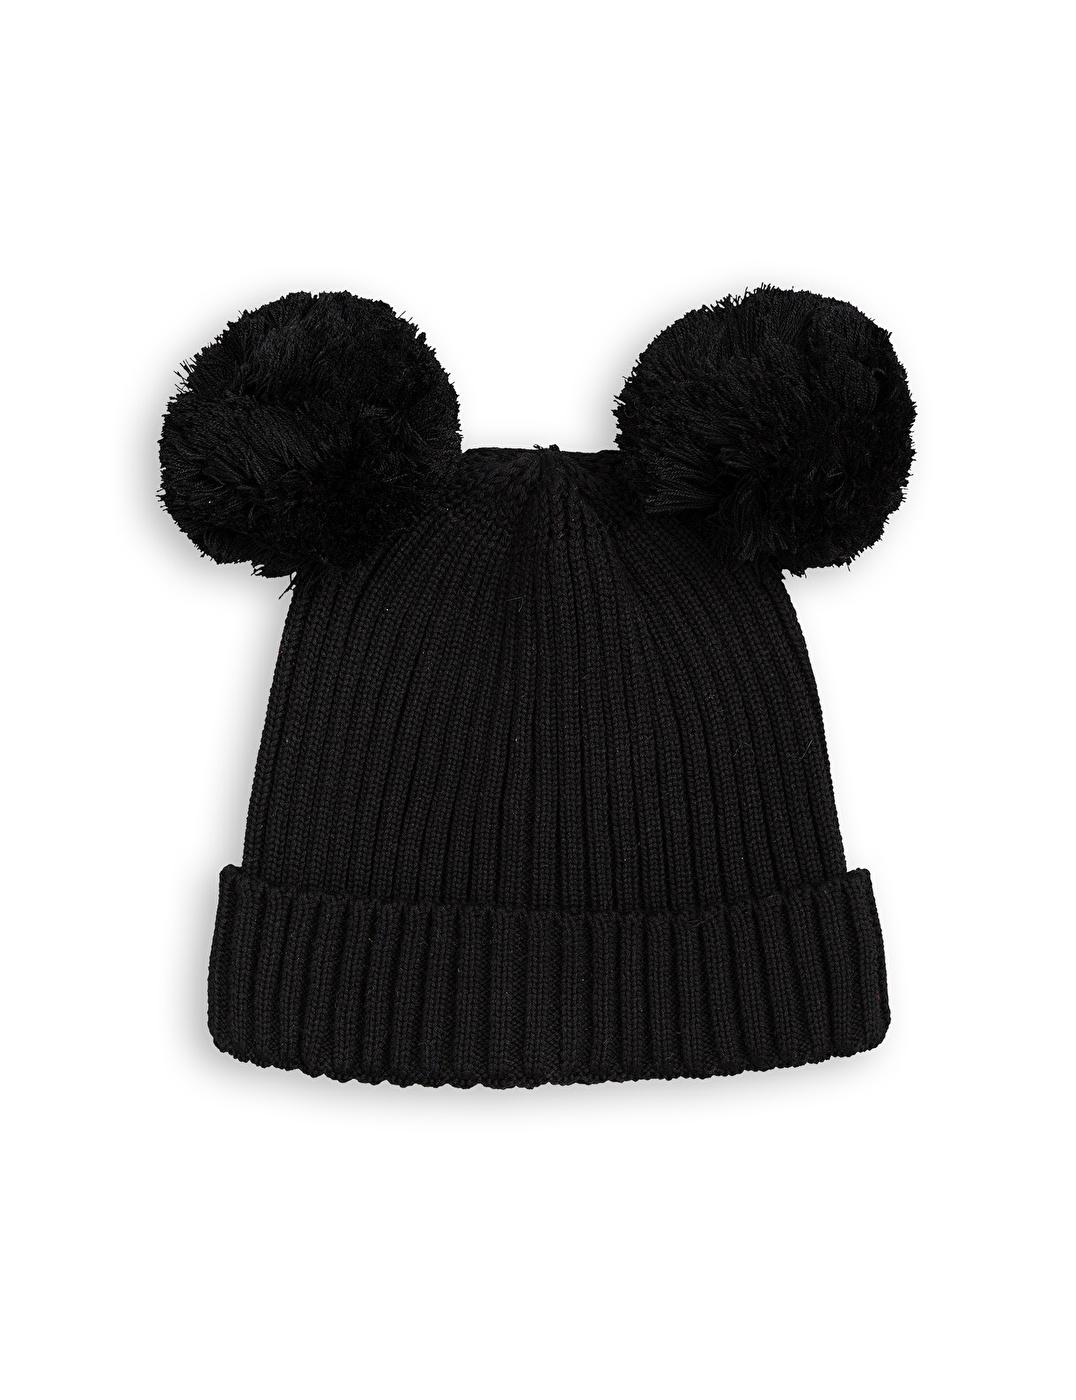 1776513299-1-mini-rodini-ear-hat-black